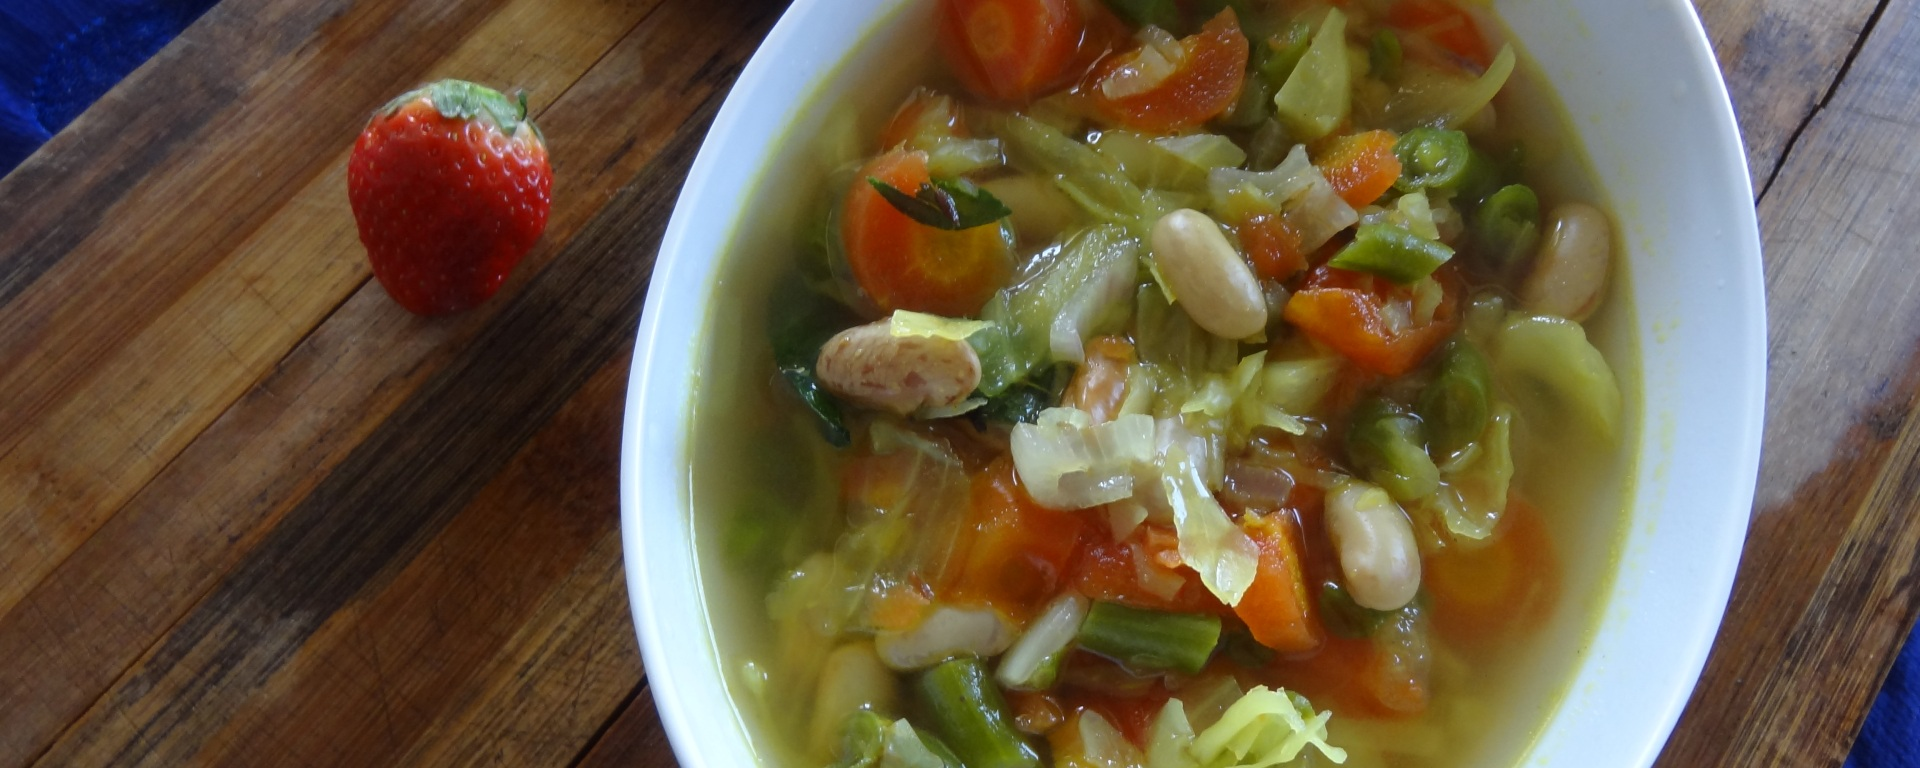 veg soup for winter